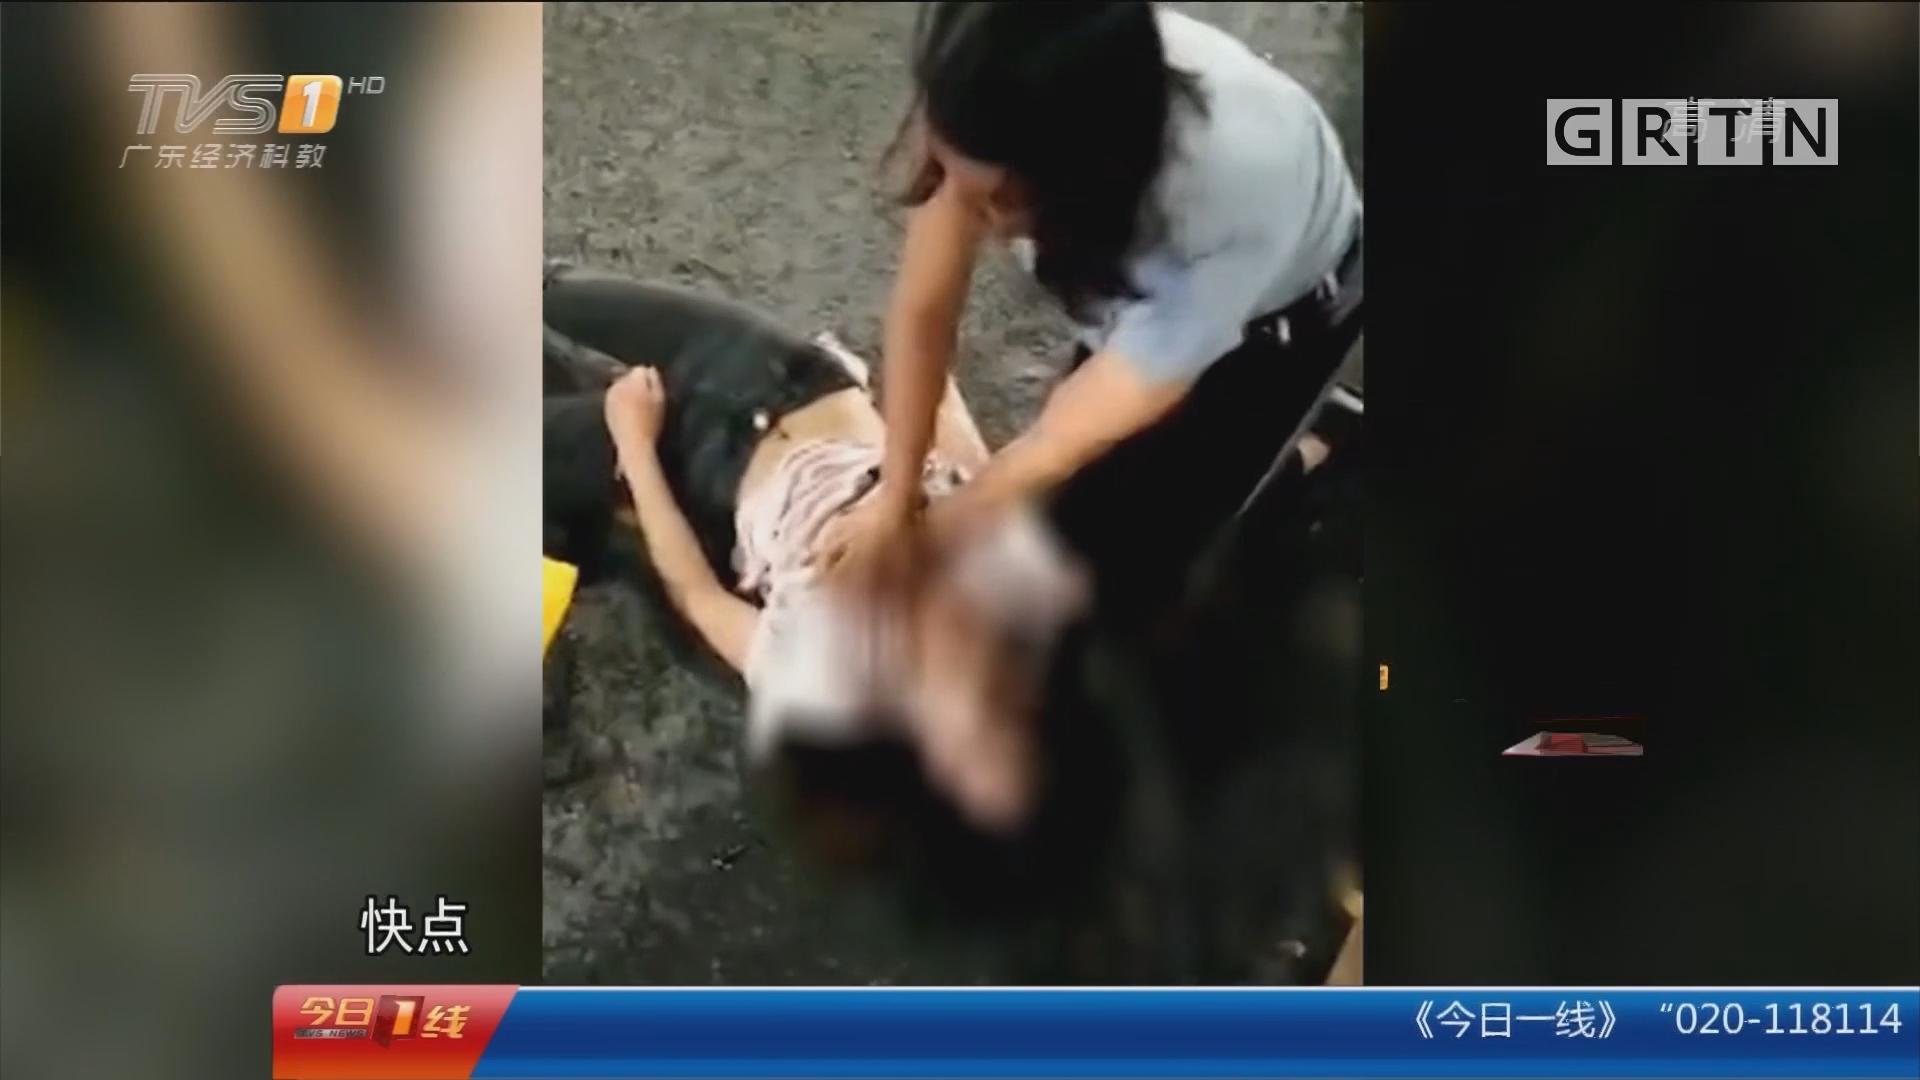 清远清新:女子遇车祸被撞 好心街坊紧急施救